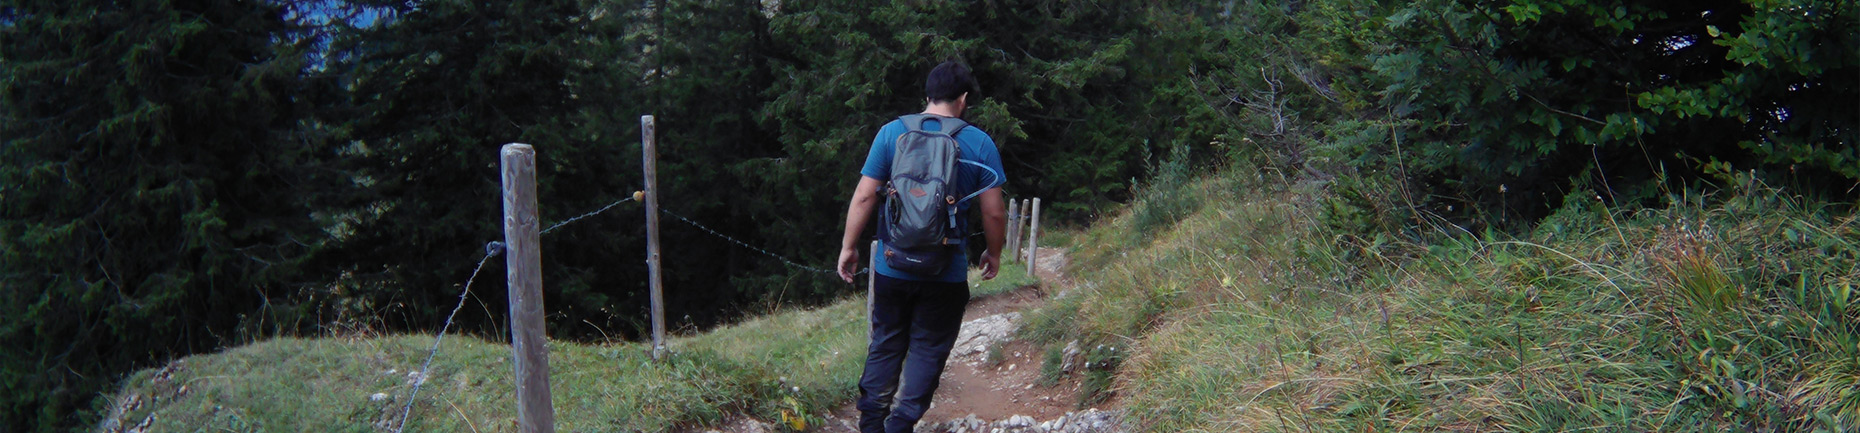 Wanderfalke Silas Landeck Wanderfalkeonline Wanderführer